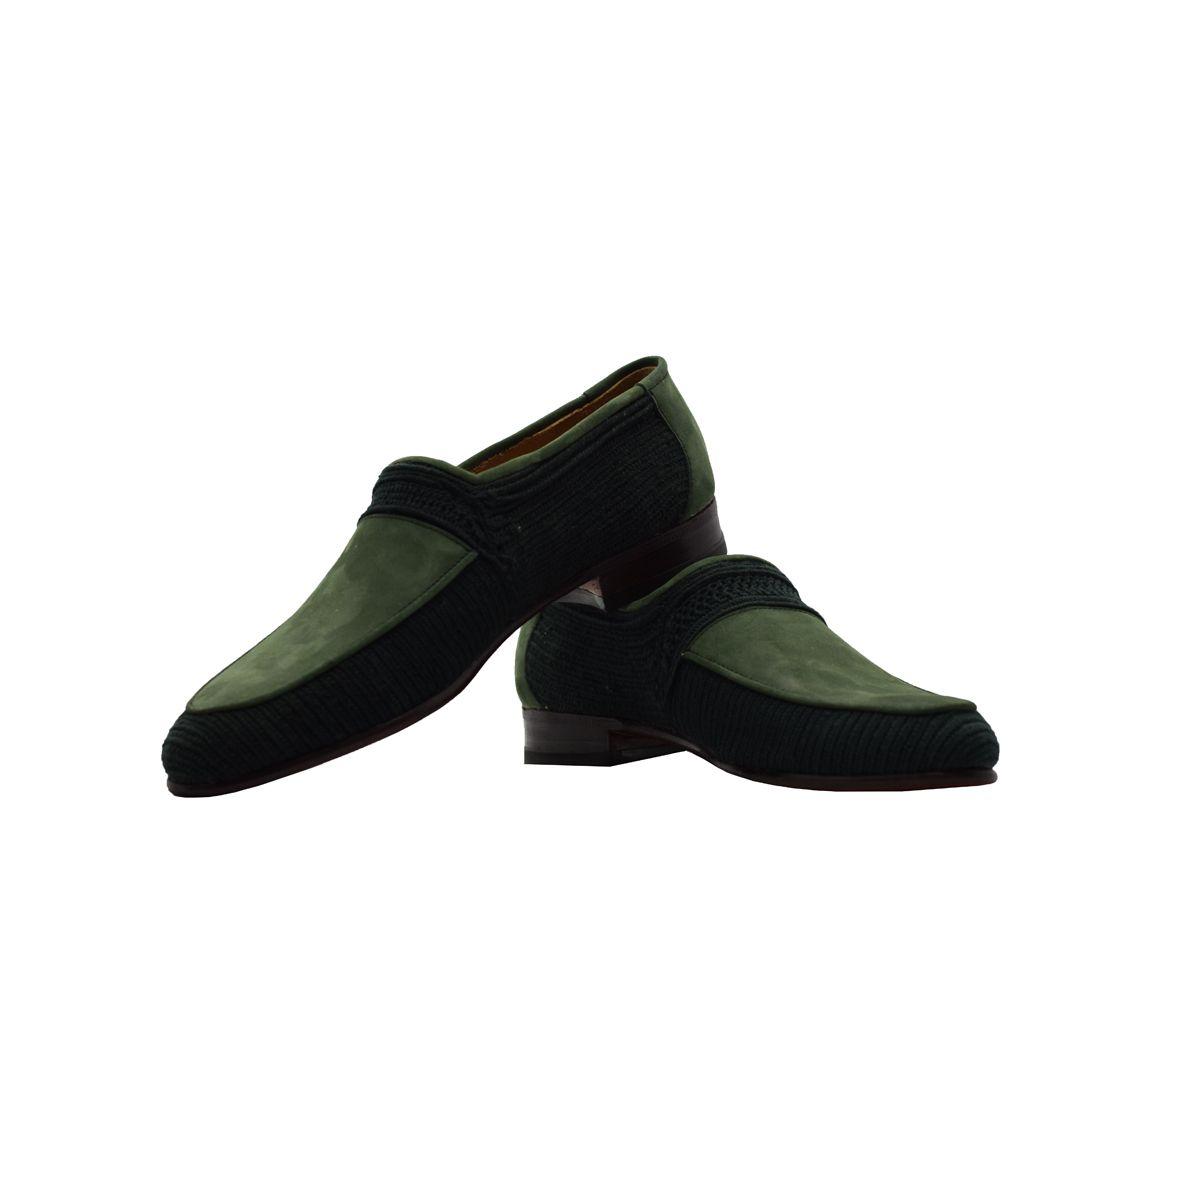 کفش زنانه دگرمان مدل آبان کد deg.1ab1003 -  - 4